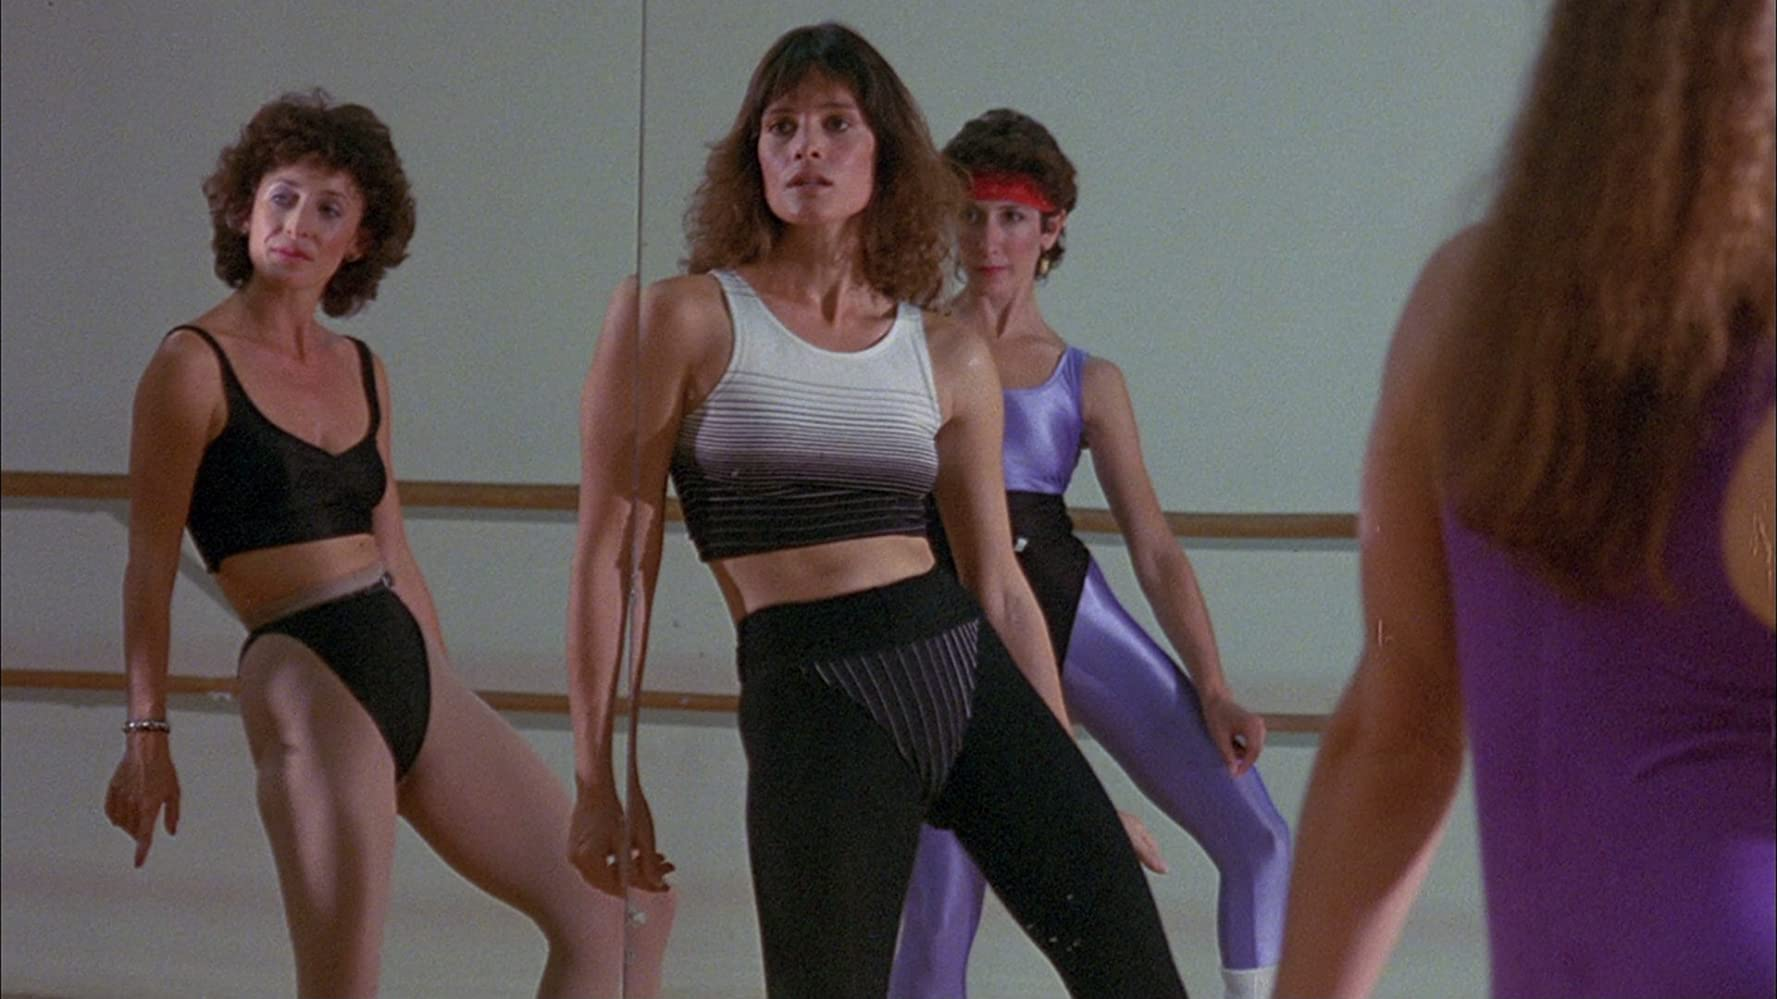 Situazione tipica degli anni '80: body building